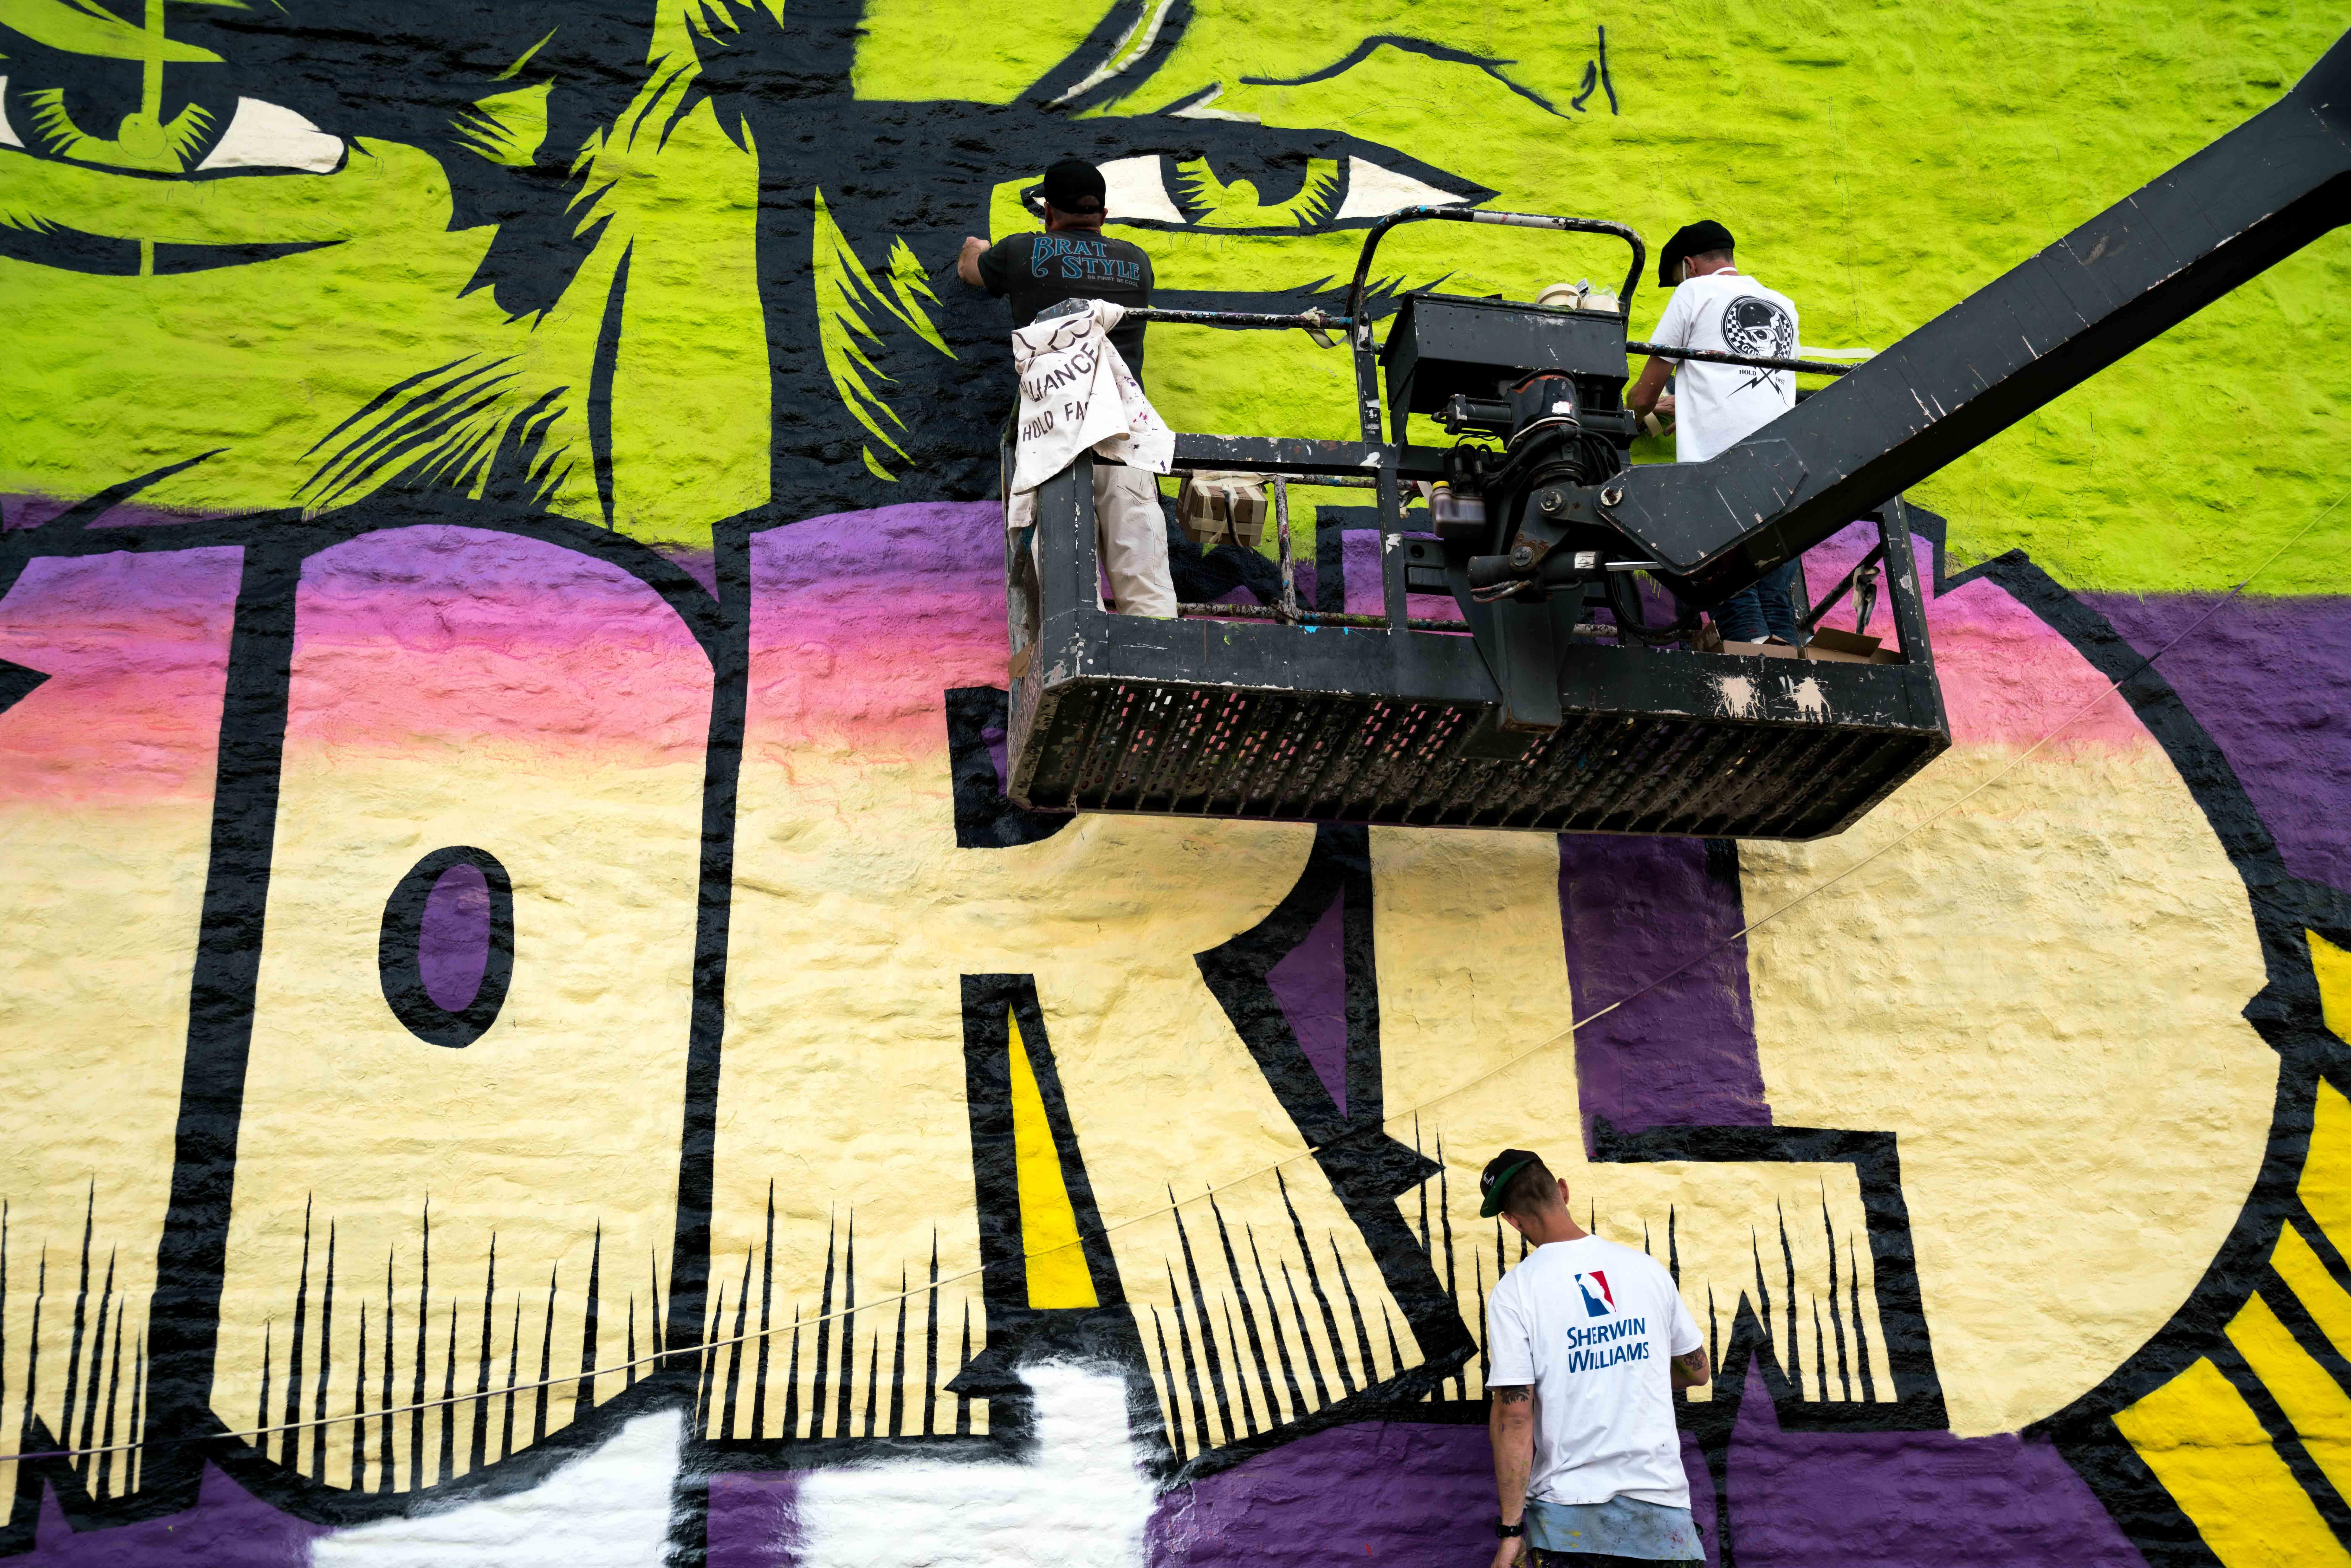 Work in progress by D*Face in Greenpoint, Brooklyn Artes & contextos DfaceKaskersky Brooklyn WIP 2